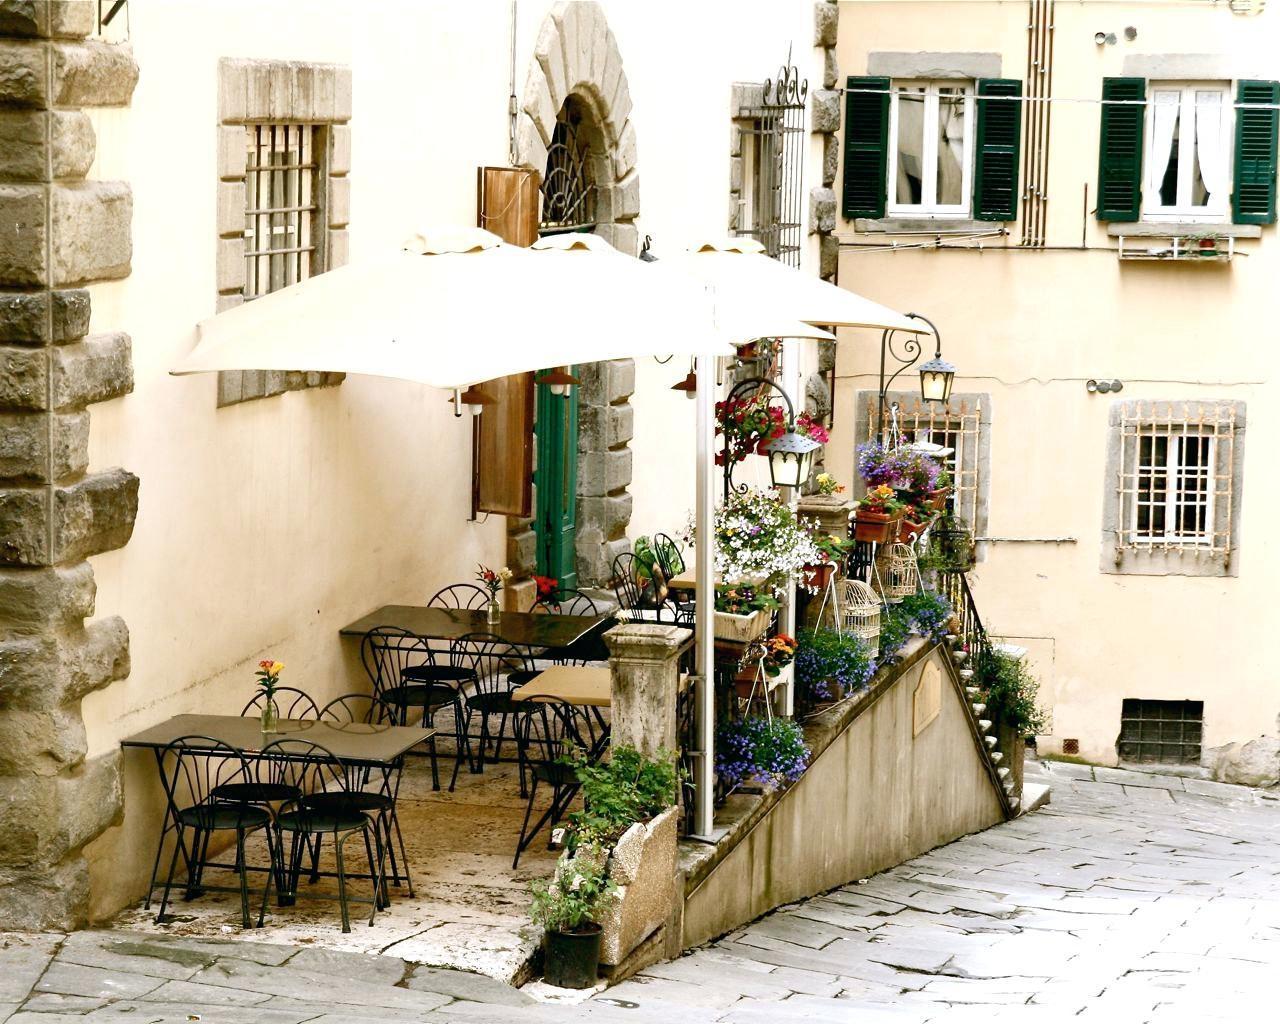 Wall Ideas : Naples Italy Wall Art Tuscany Italy Wall Art Italy Within Italian Themed Wall Art (View 11 of 20)